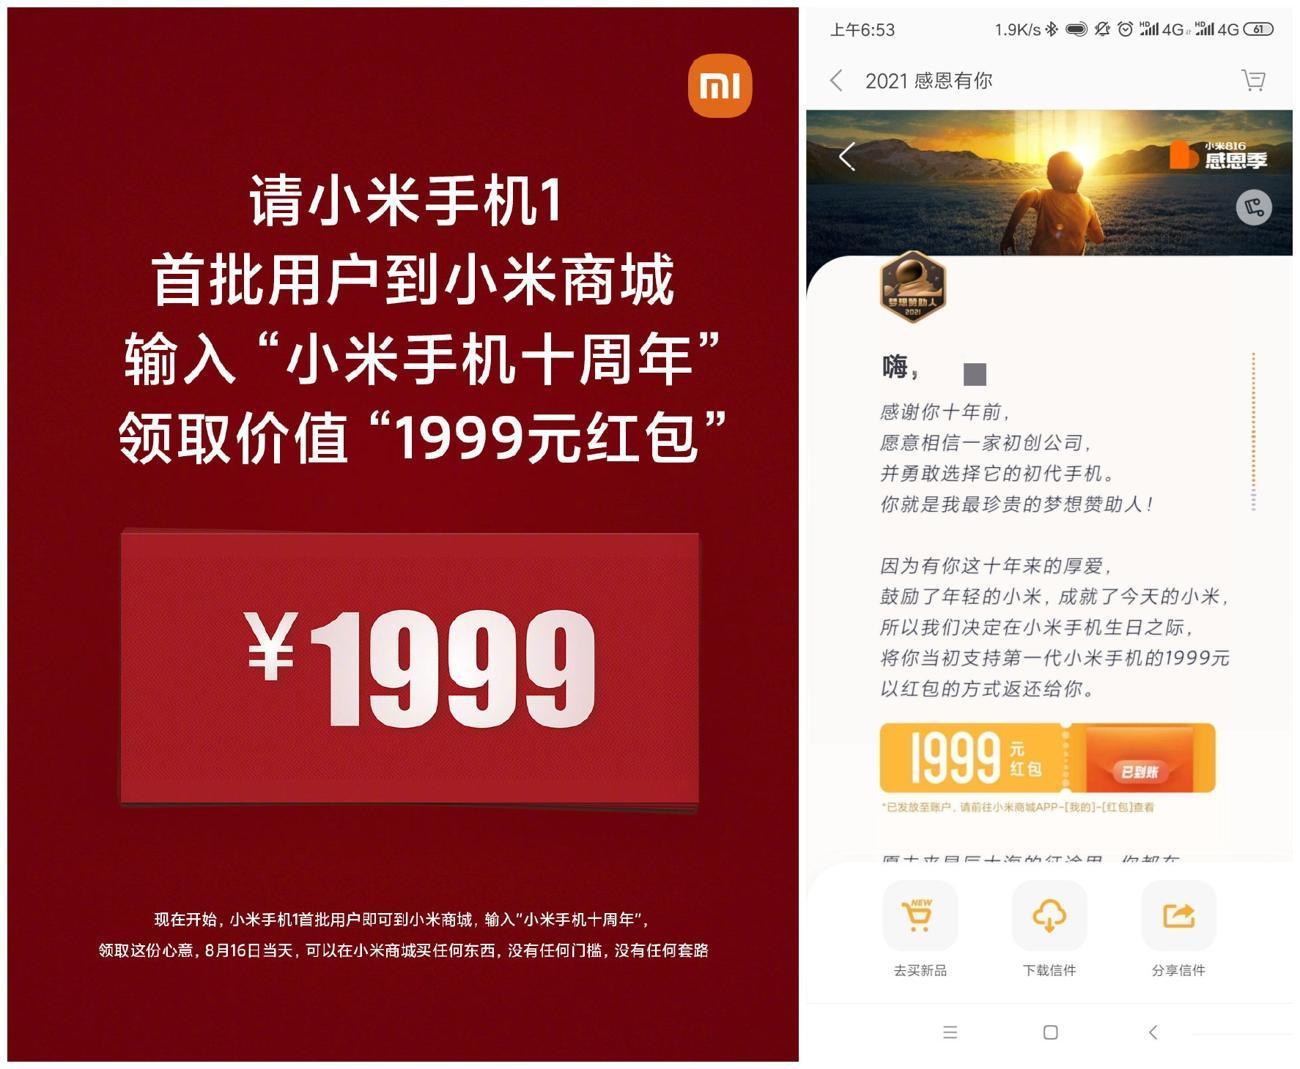 小米手机1首批用户领1999元红包 sihaiba.com